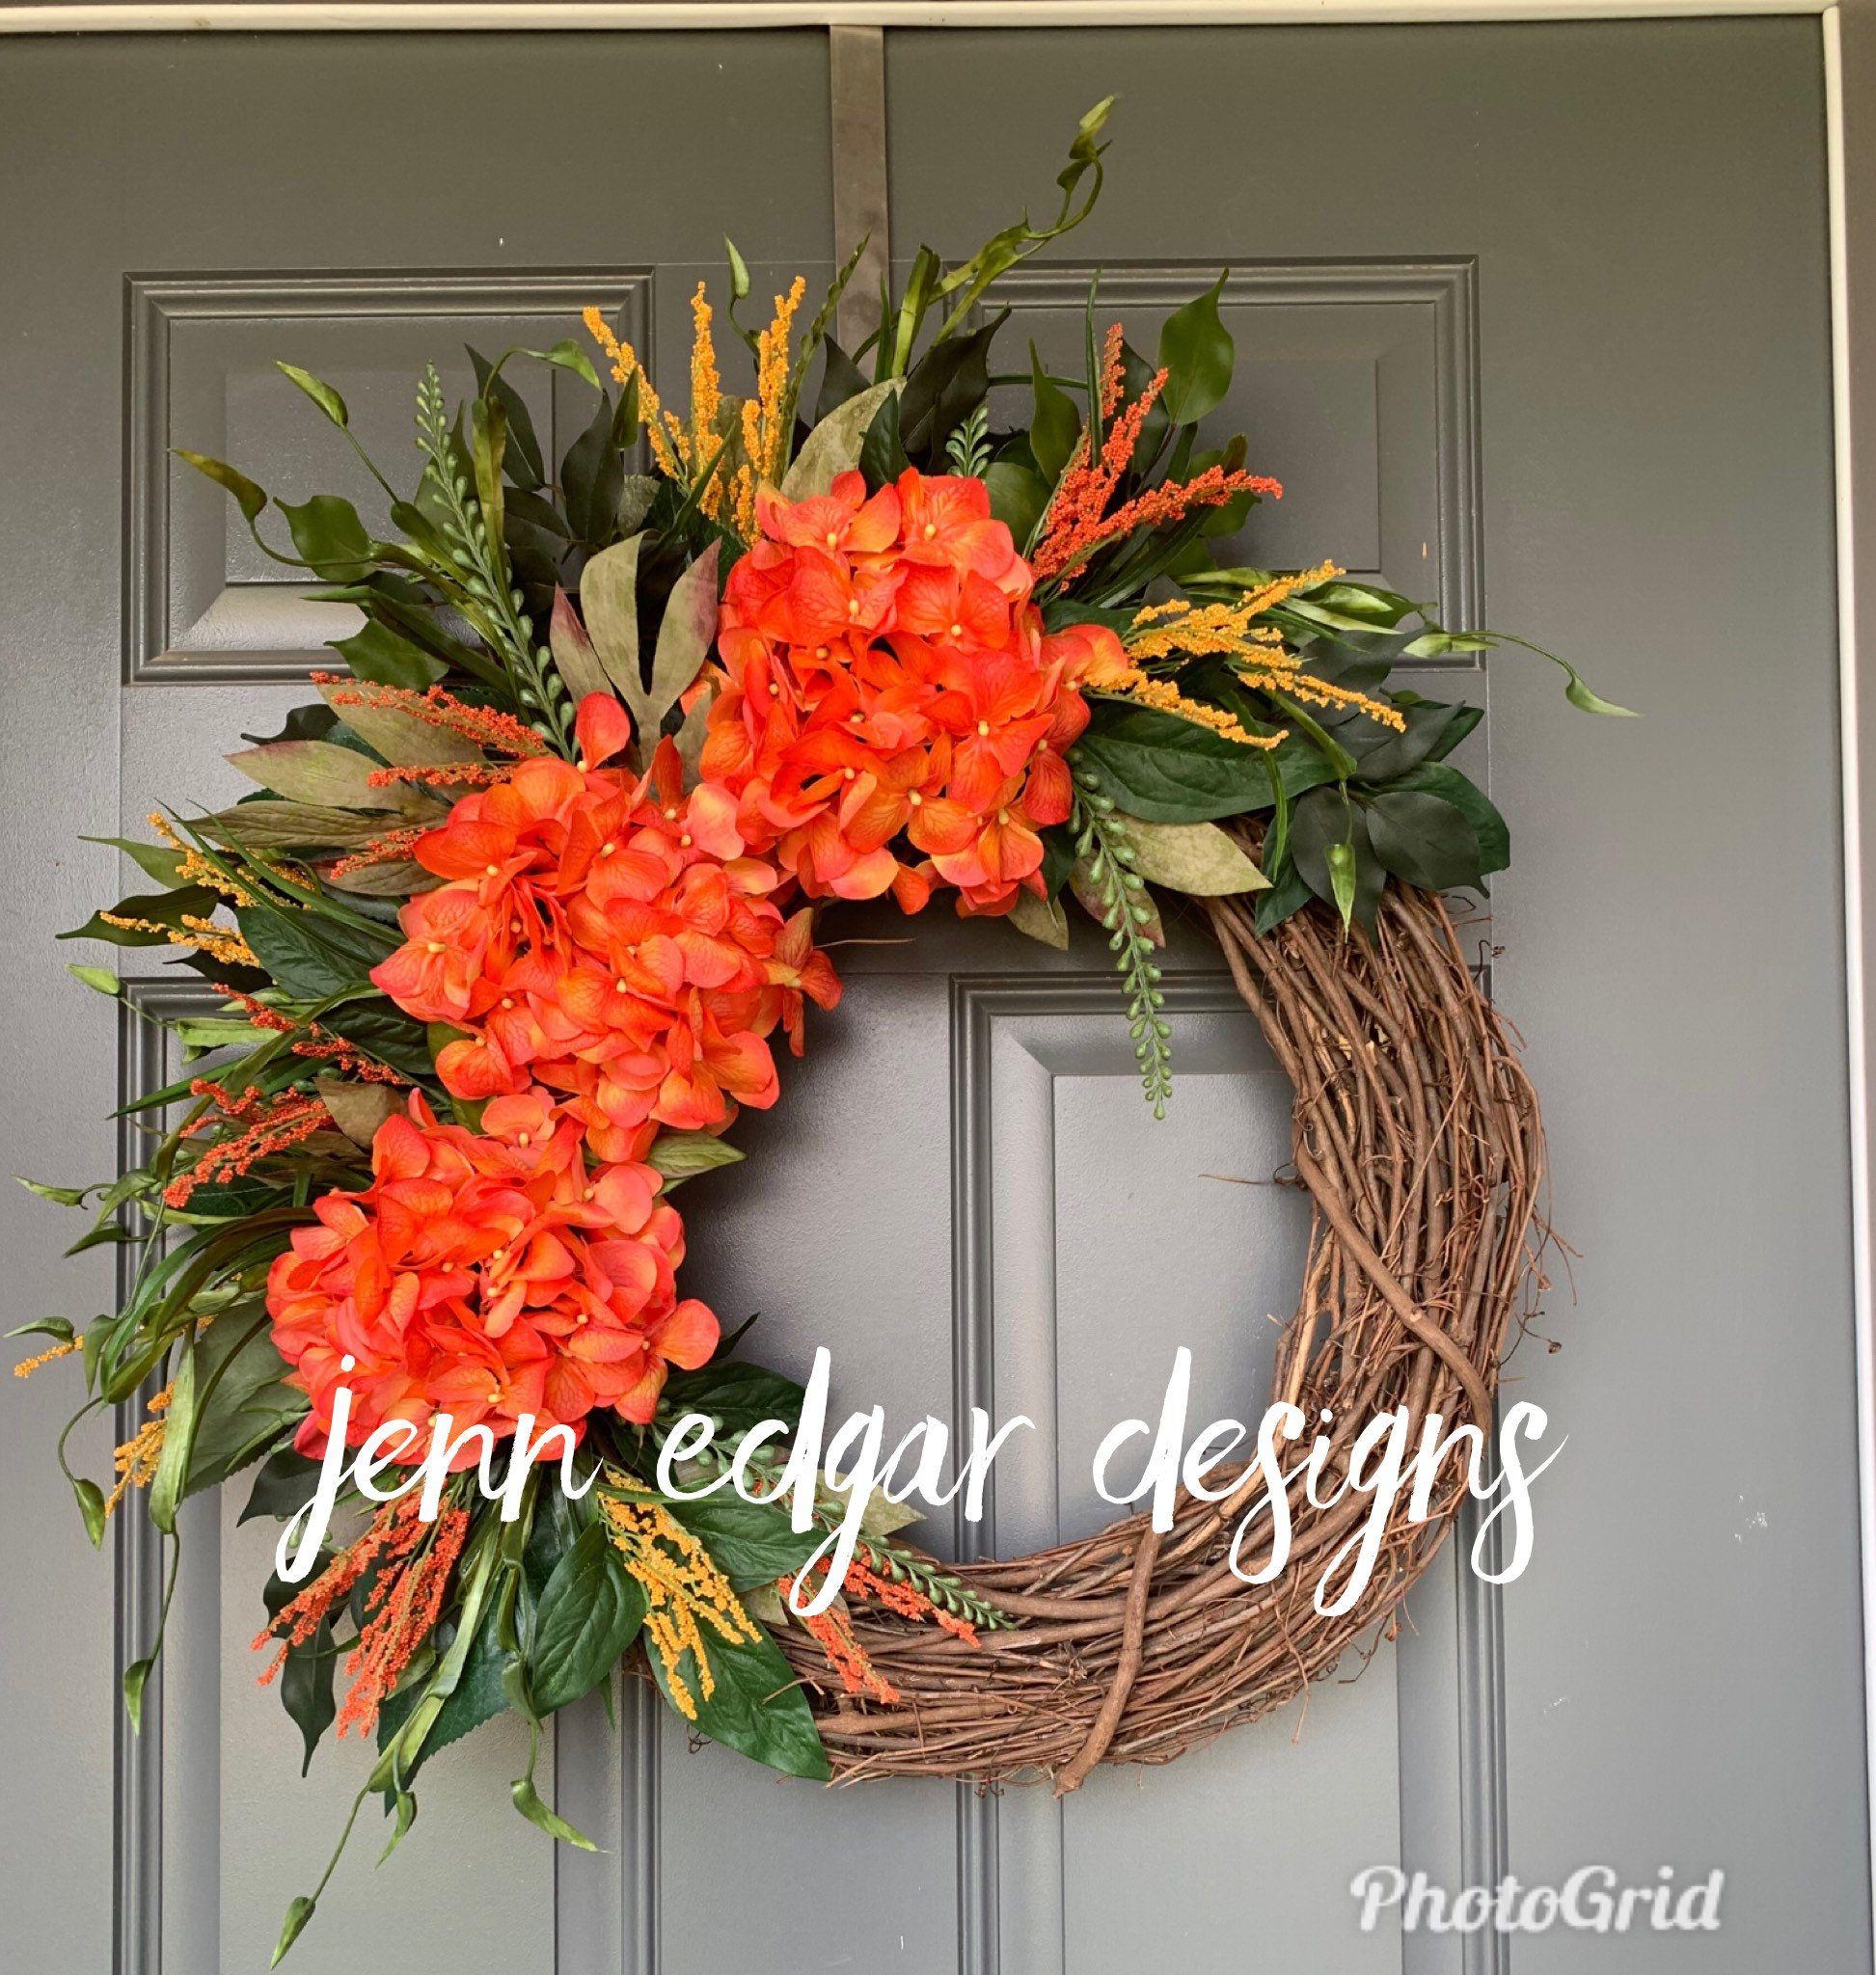 Photo of Summer Wreaths for Front Door, Summer Wreath, Hydrangea wreath, wreaths for front door, year round wreaths for front door